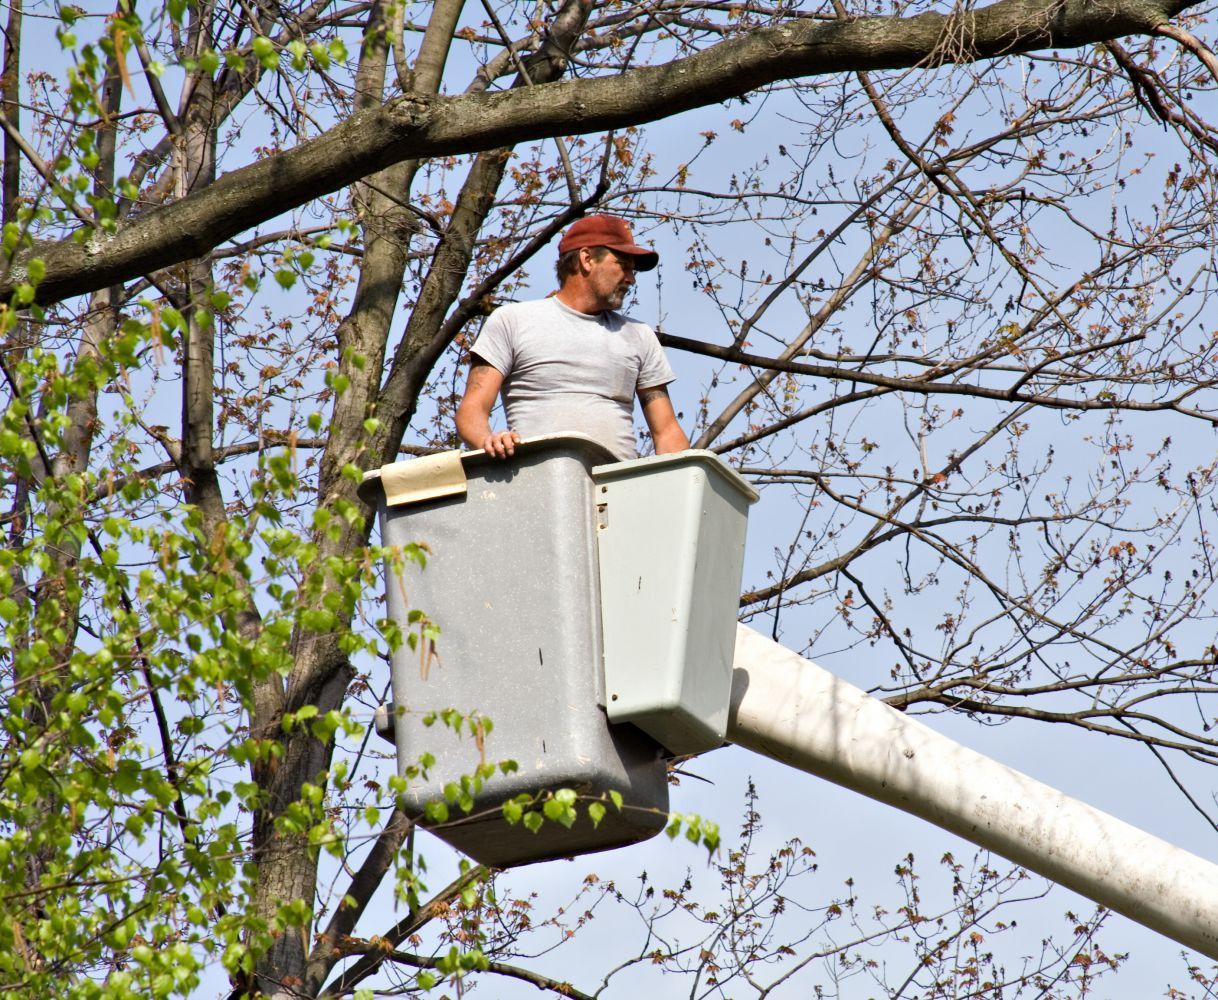 Local tree service crane in Cincinnati, OH